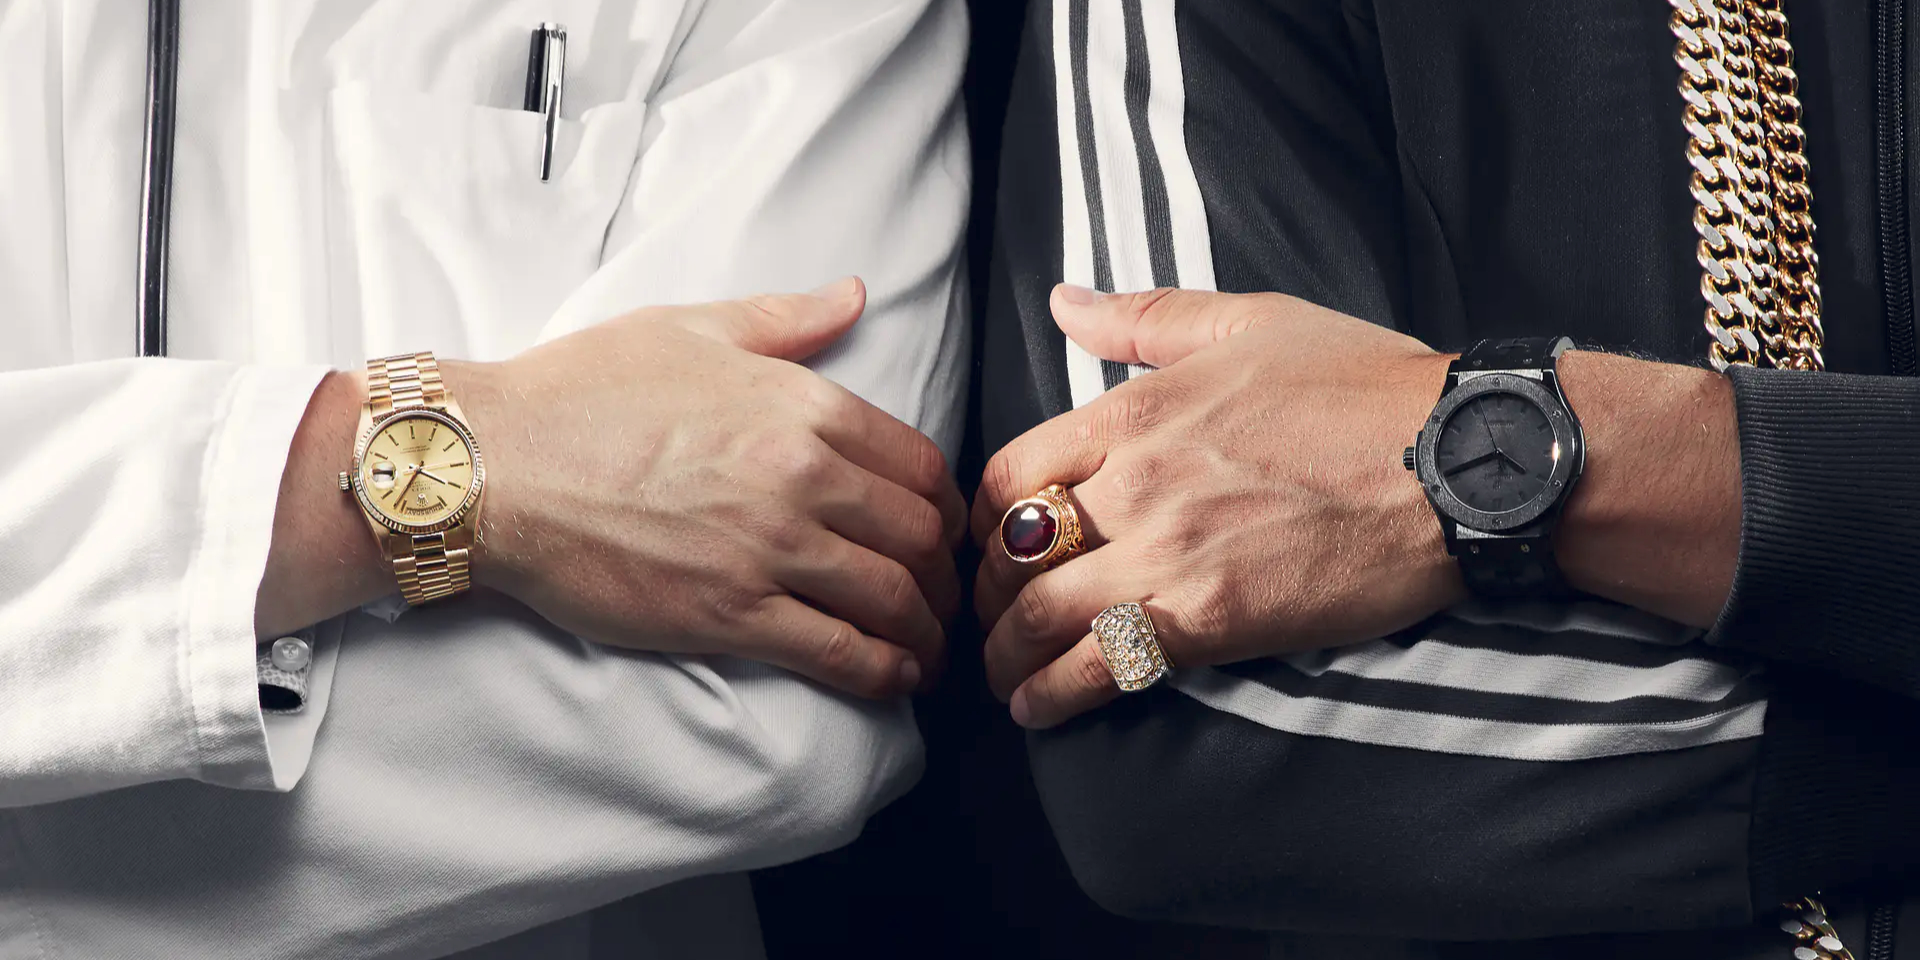 From Jay Z to Jordan Belfort: 9 types of men who wear luxury watches